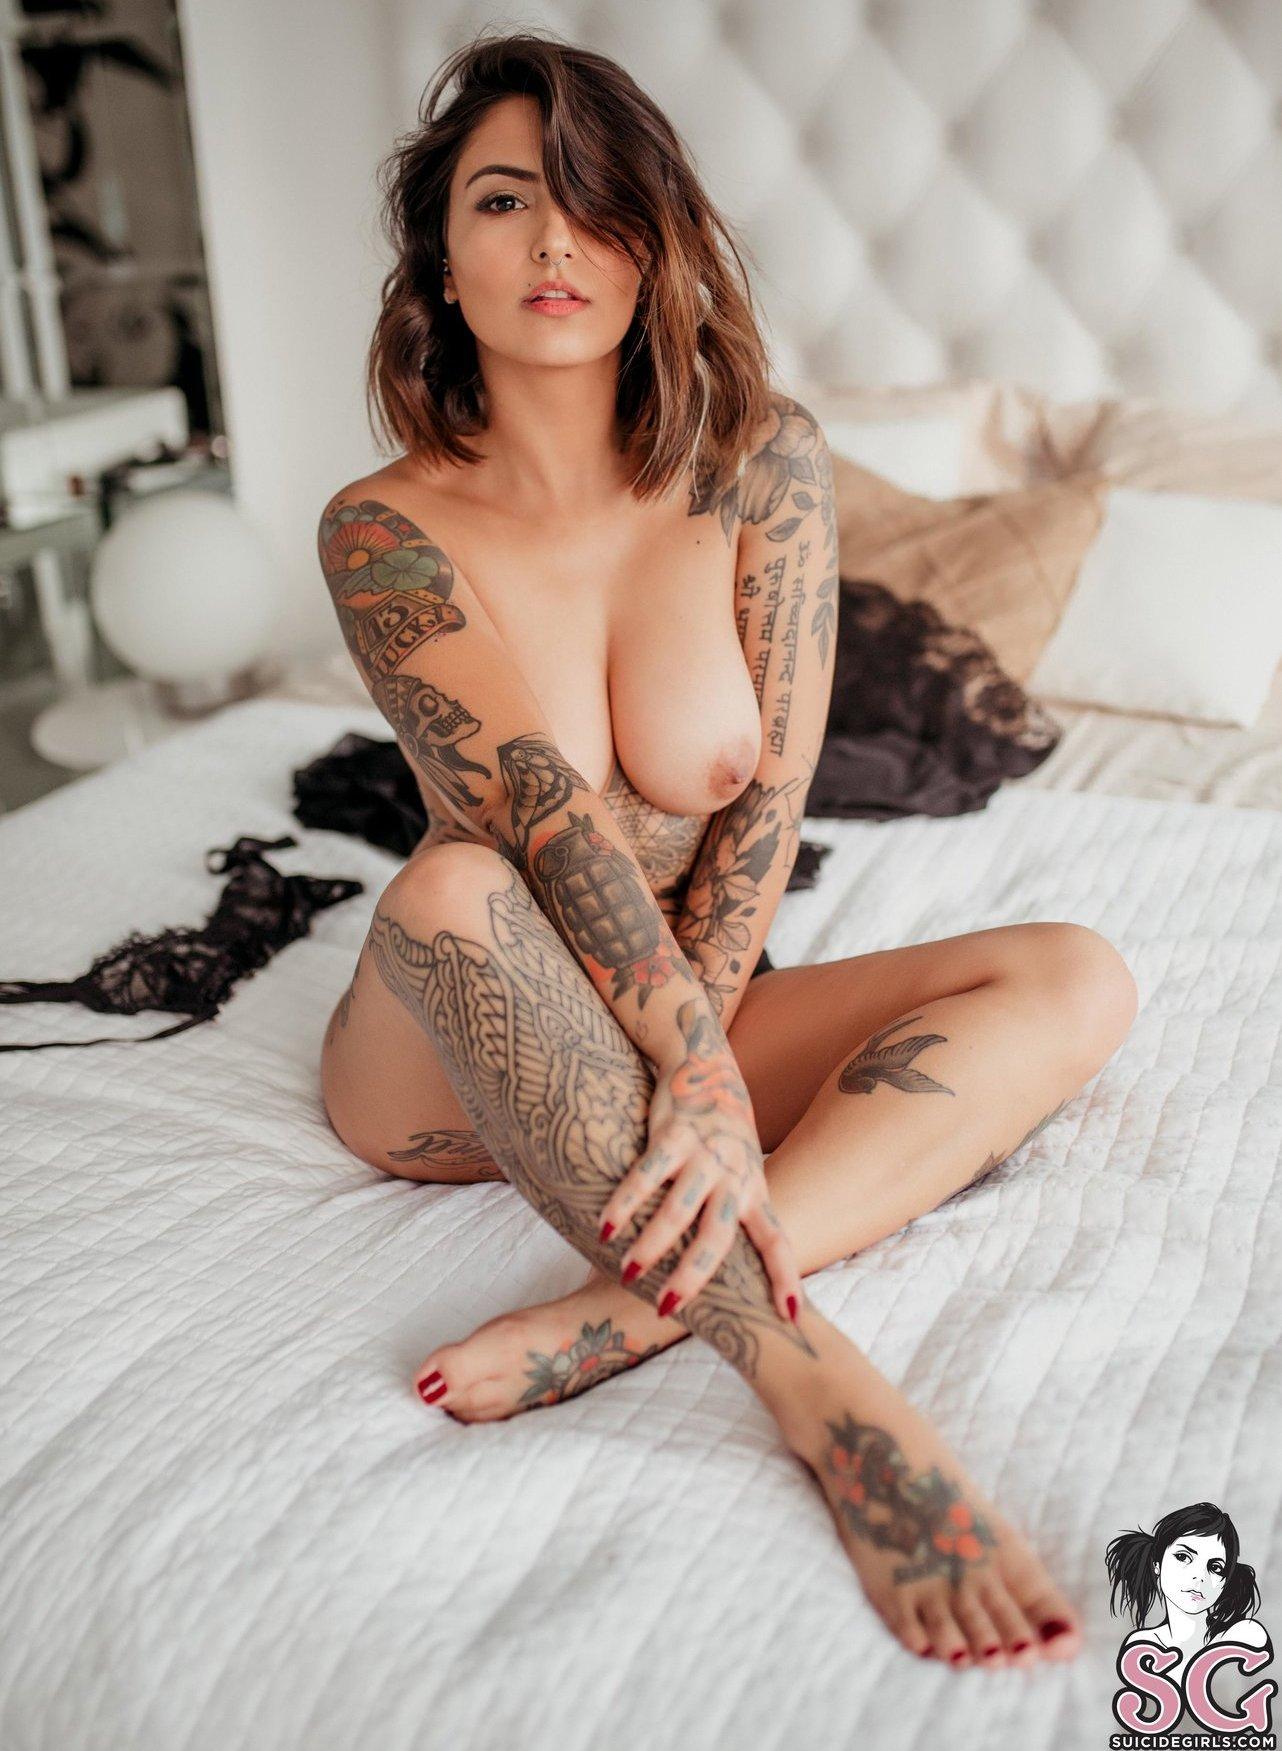 Cau Fertonani Cauuution Onlyfans Nude Leaks 0001